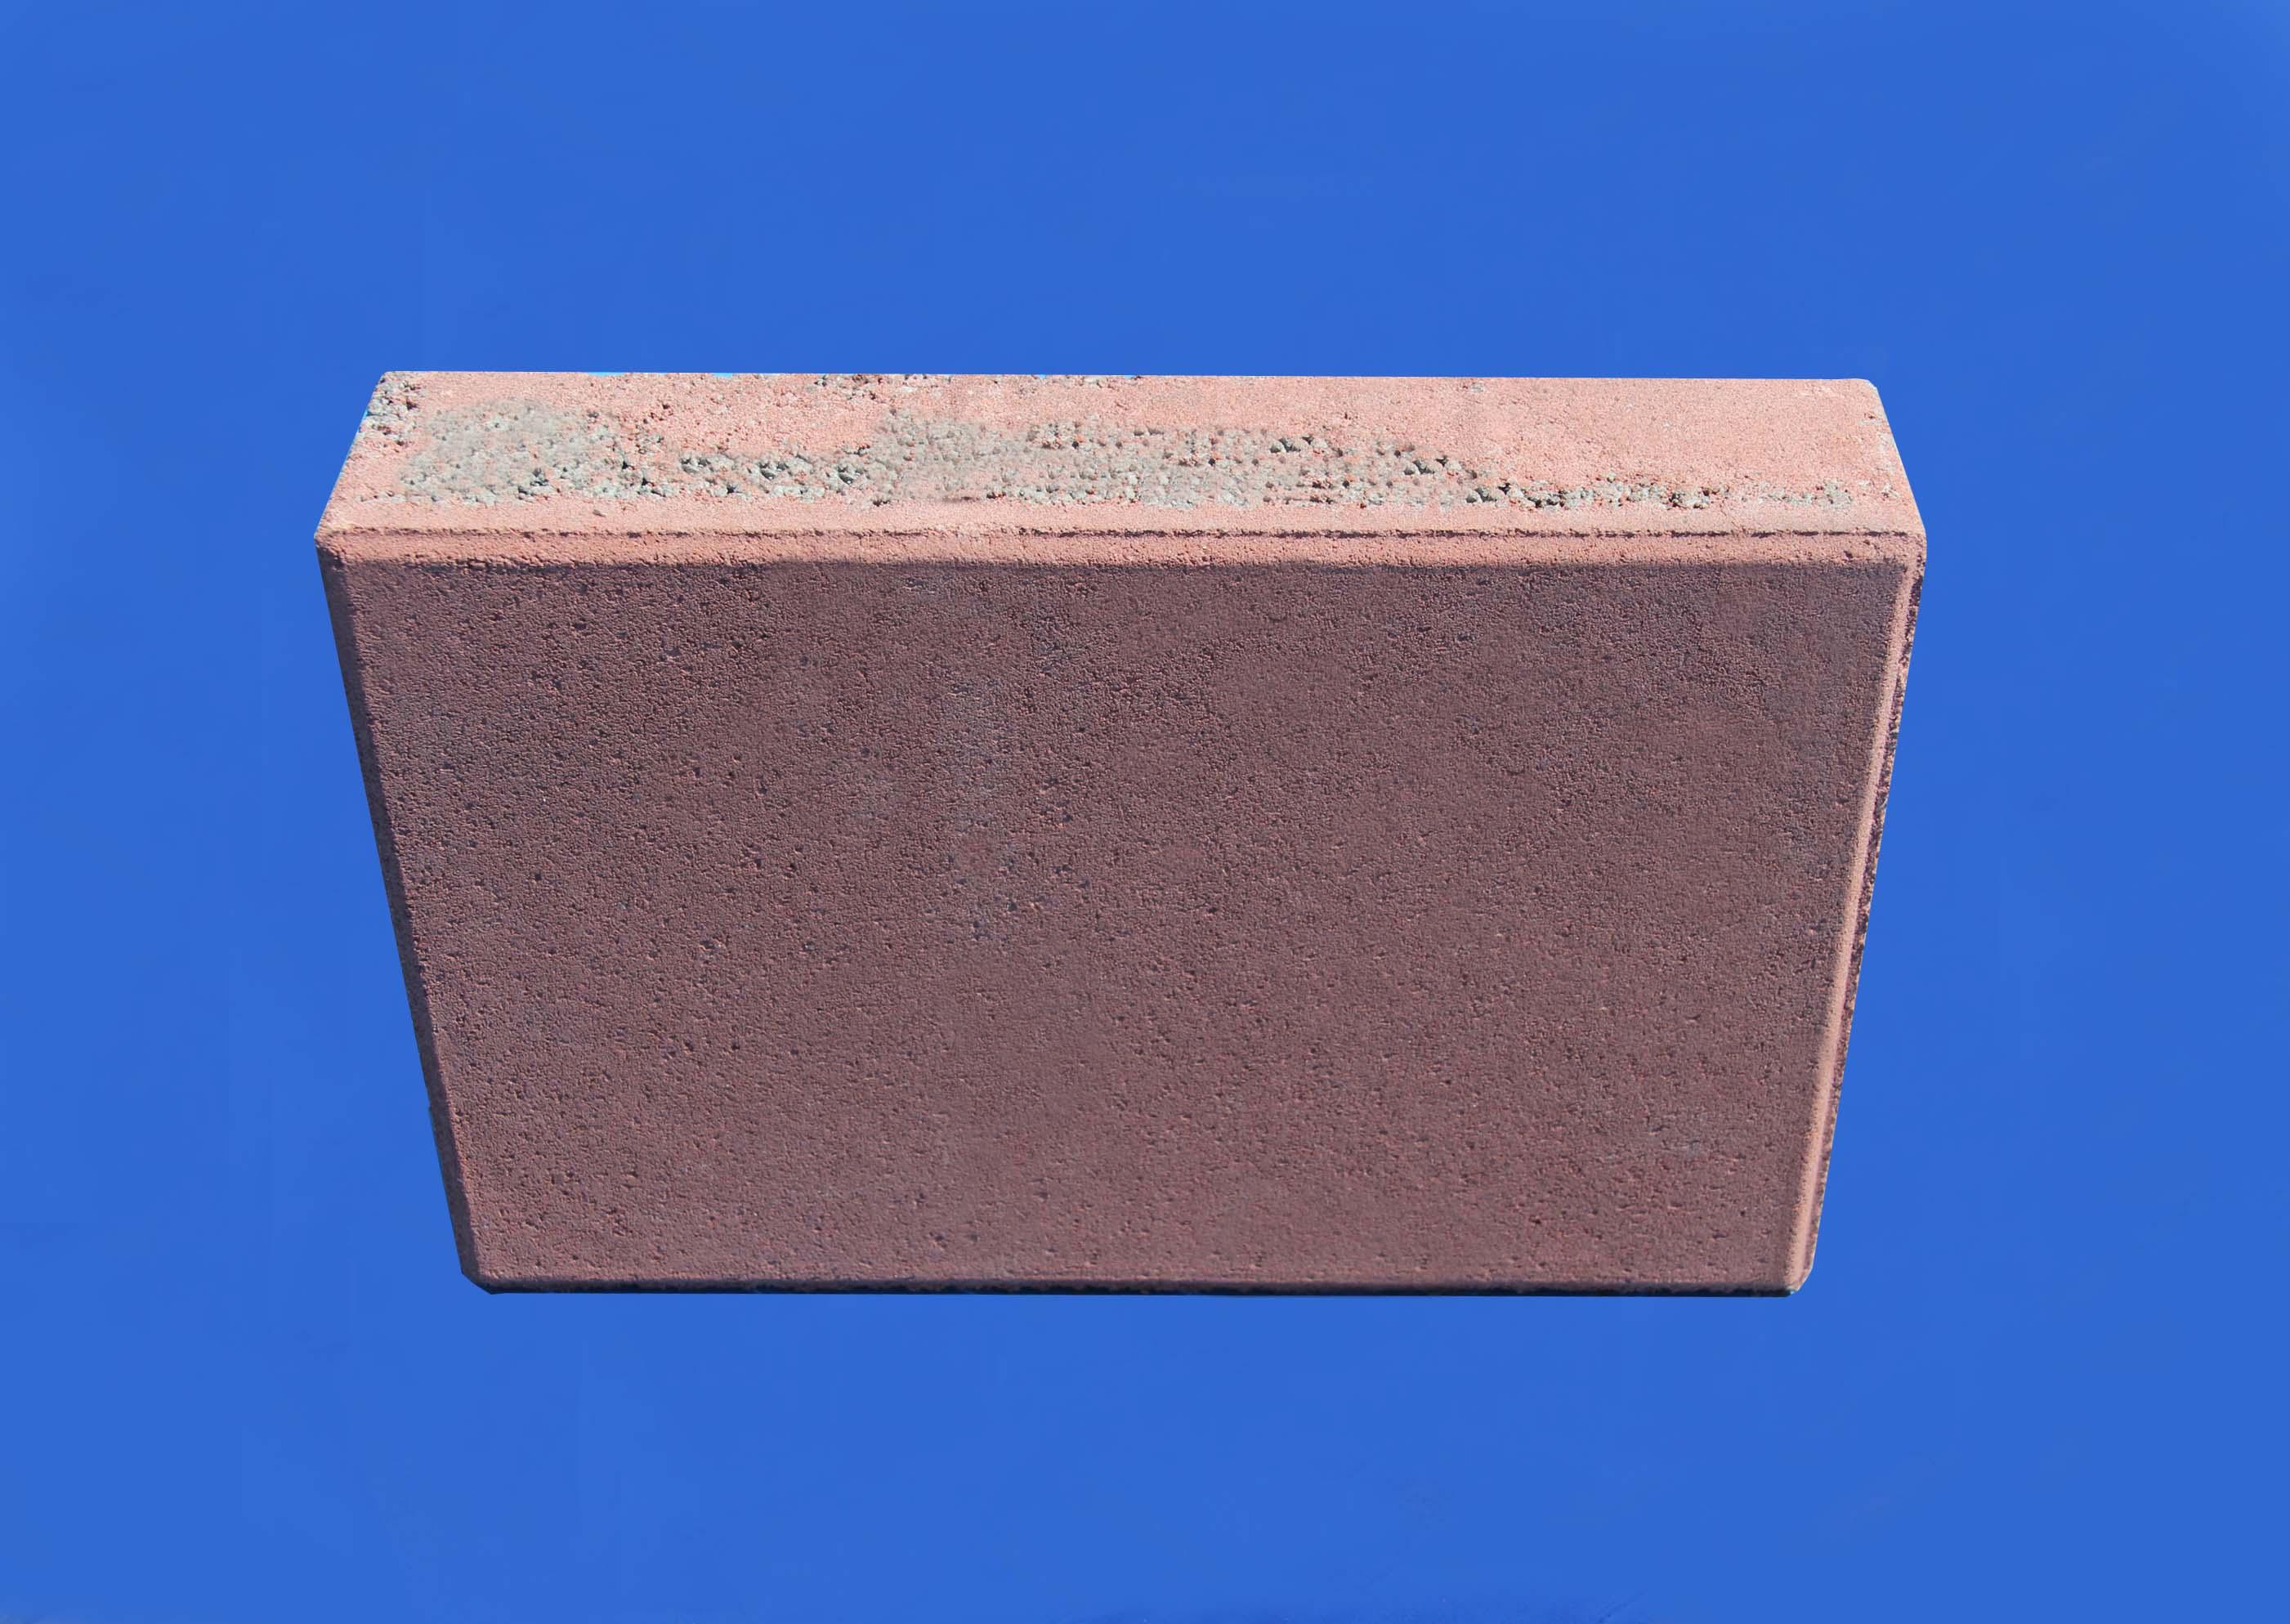 彩色地面砖系列之红色矩形地砖